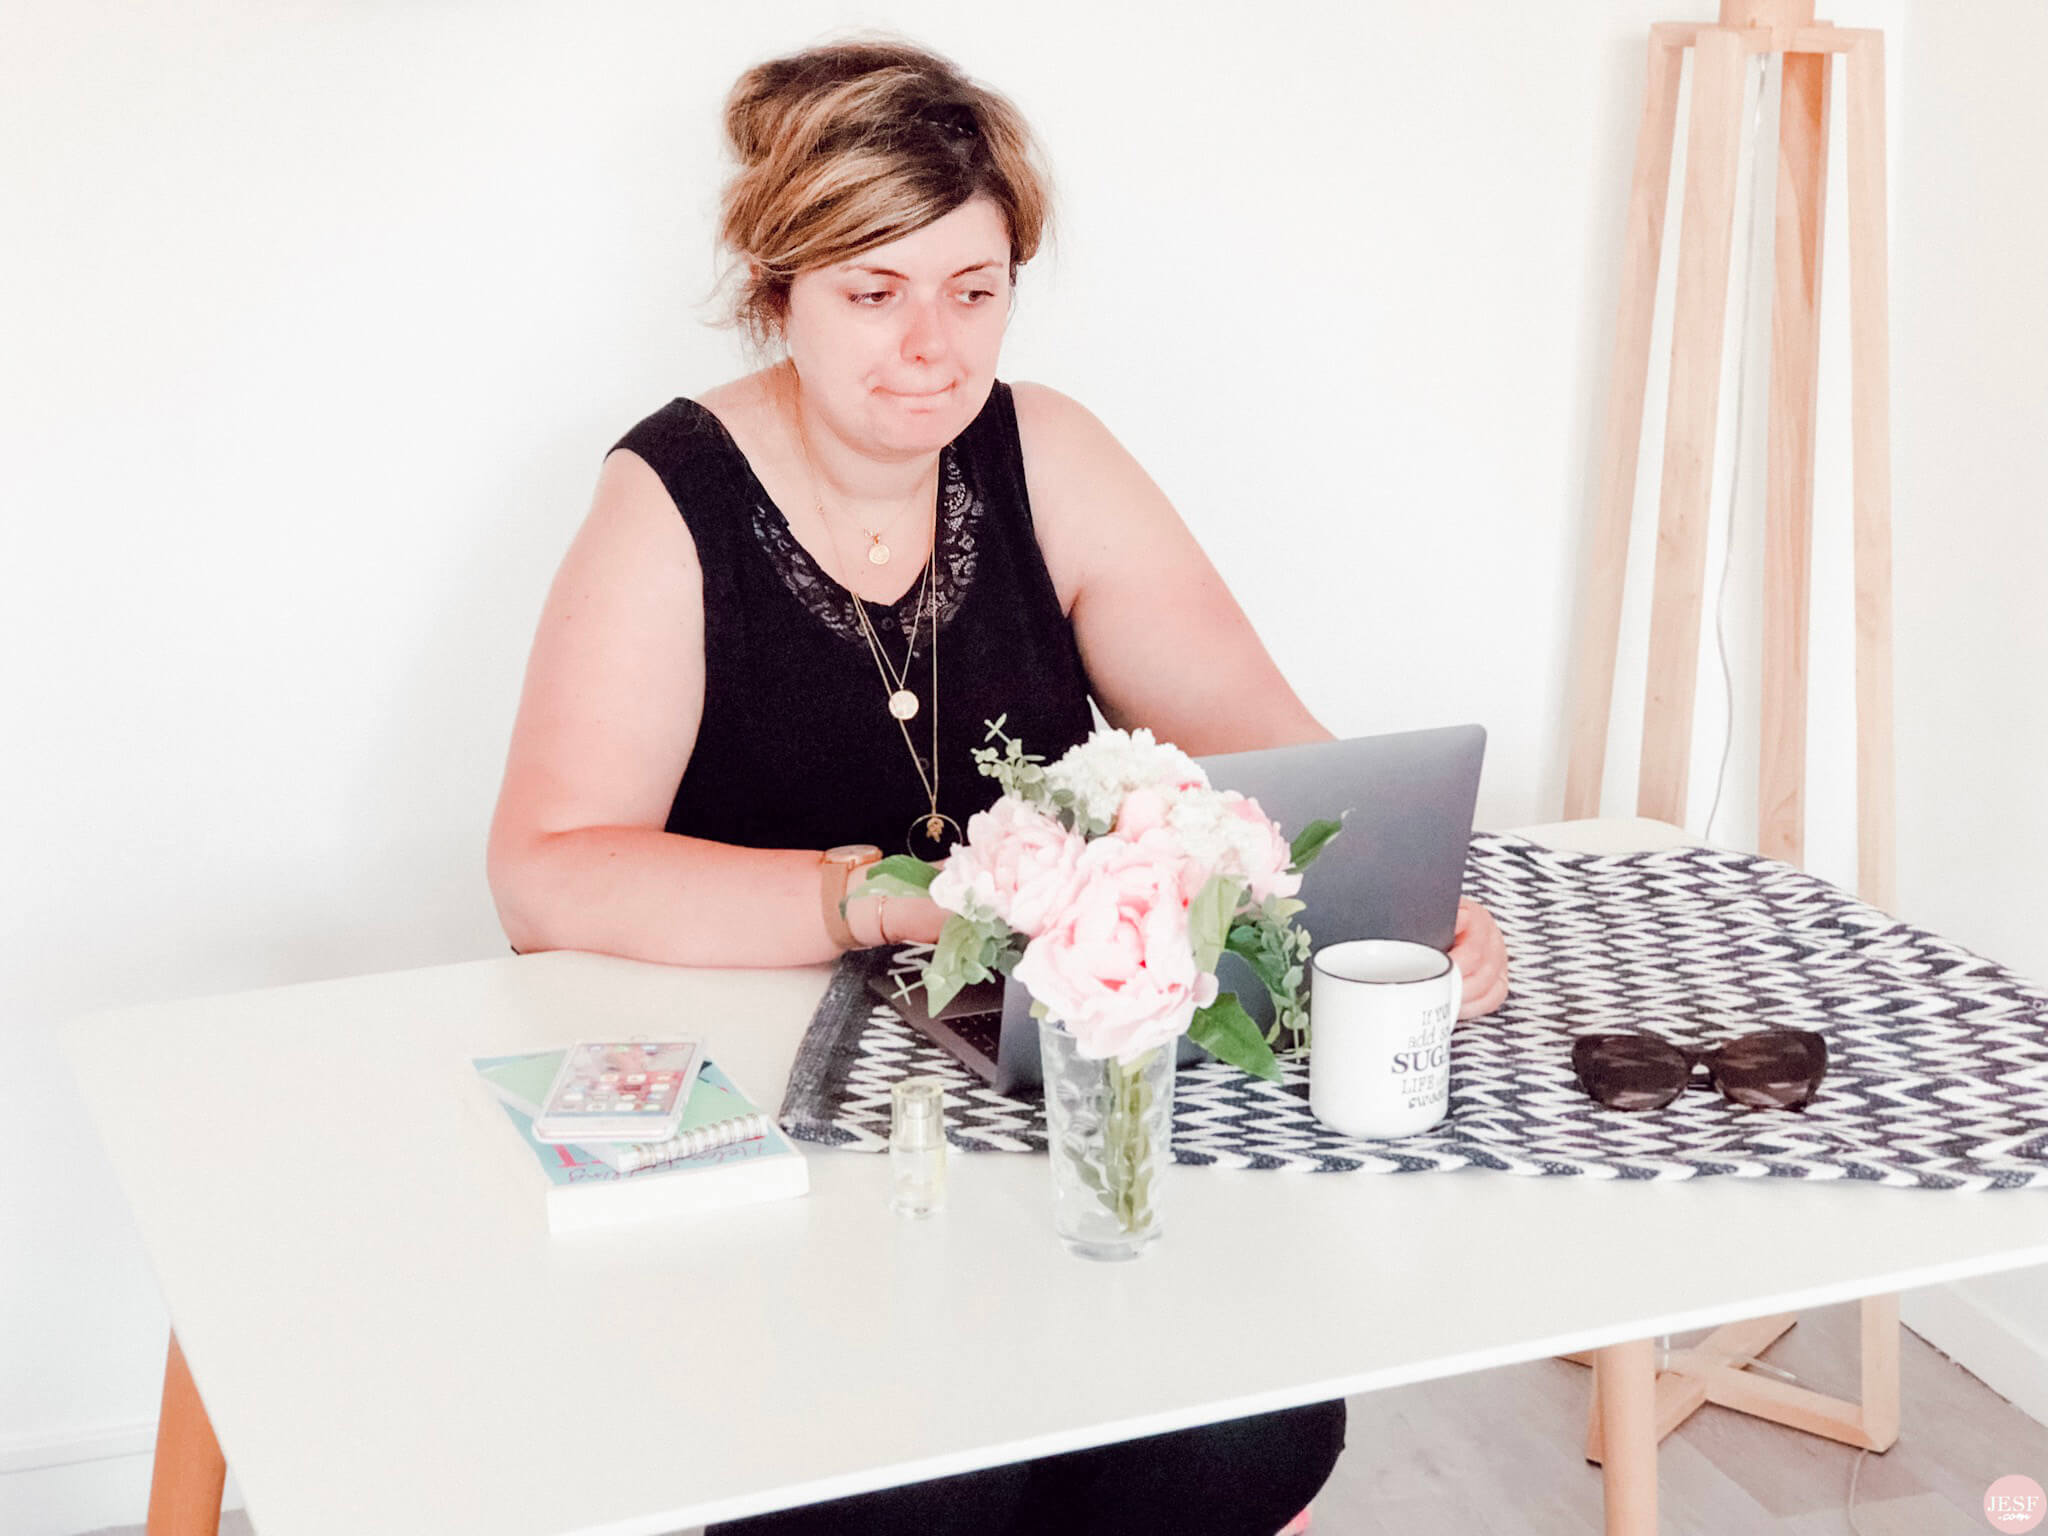 demande-de-partenariat-rémunéré-blog-réactions